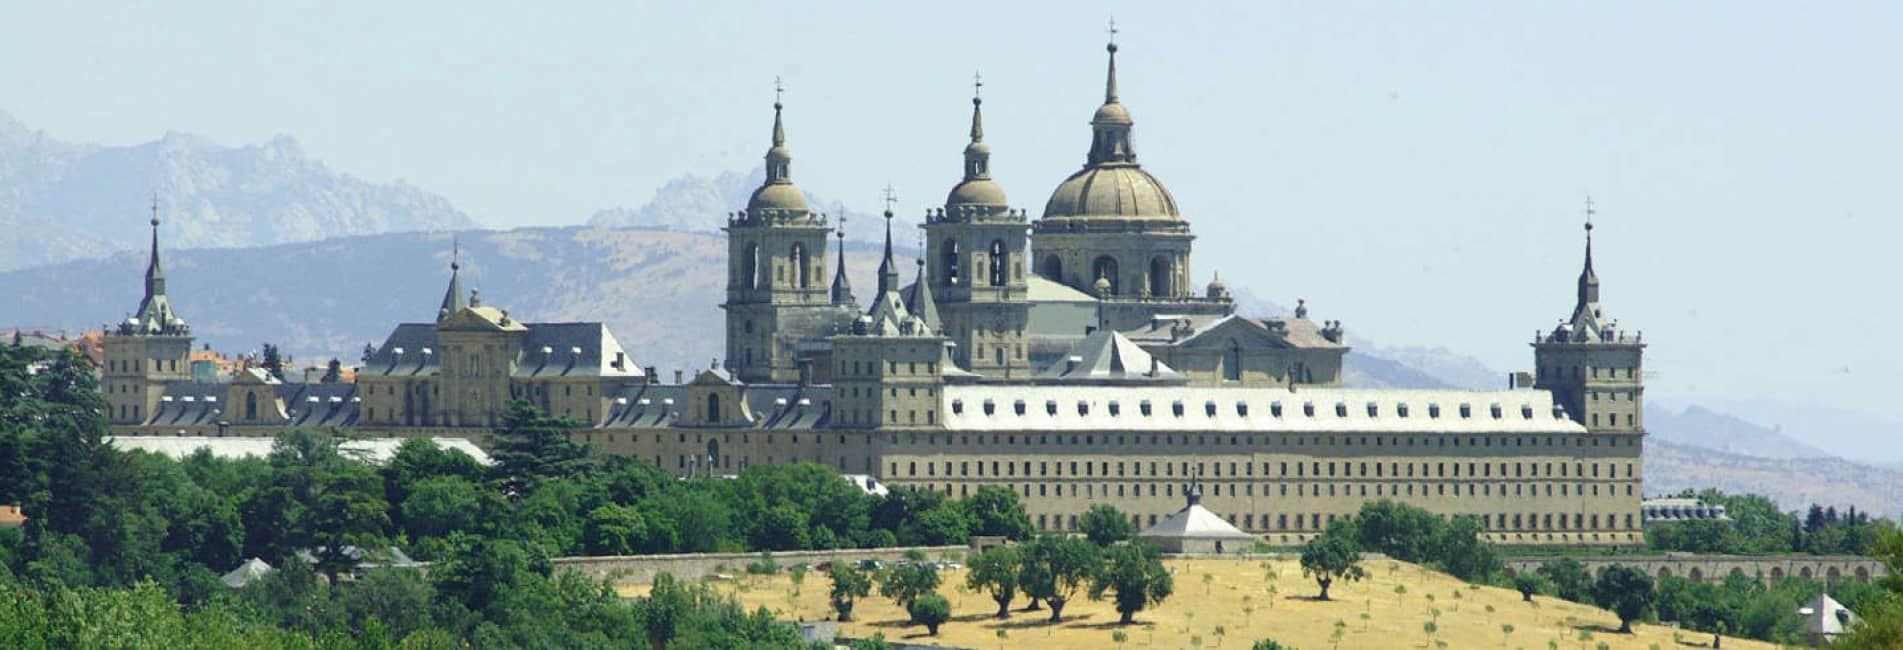 Monasterio de San Lorenzo de El Escorial (1563-1584)